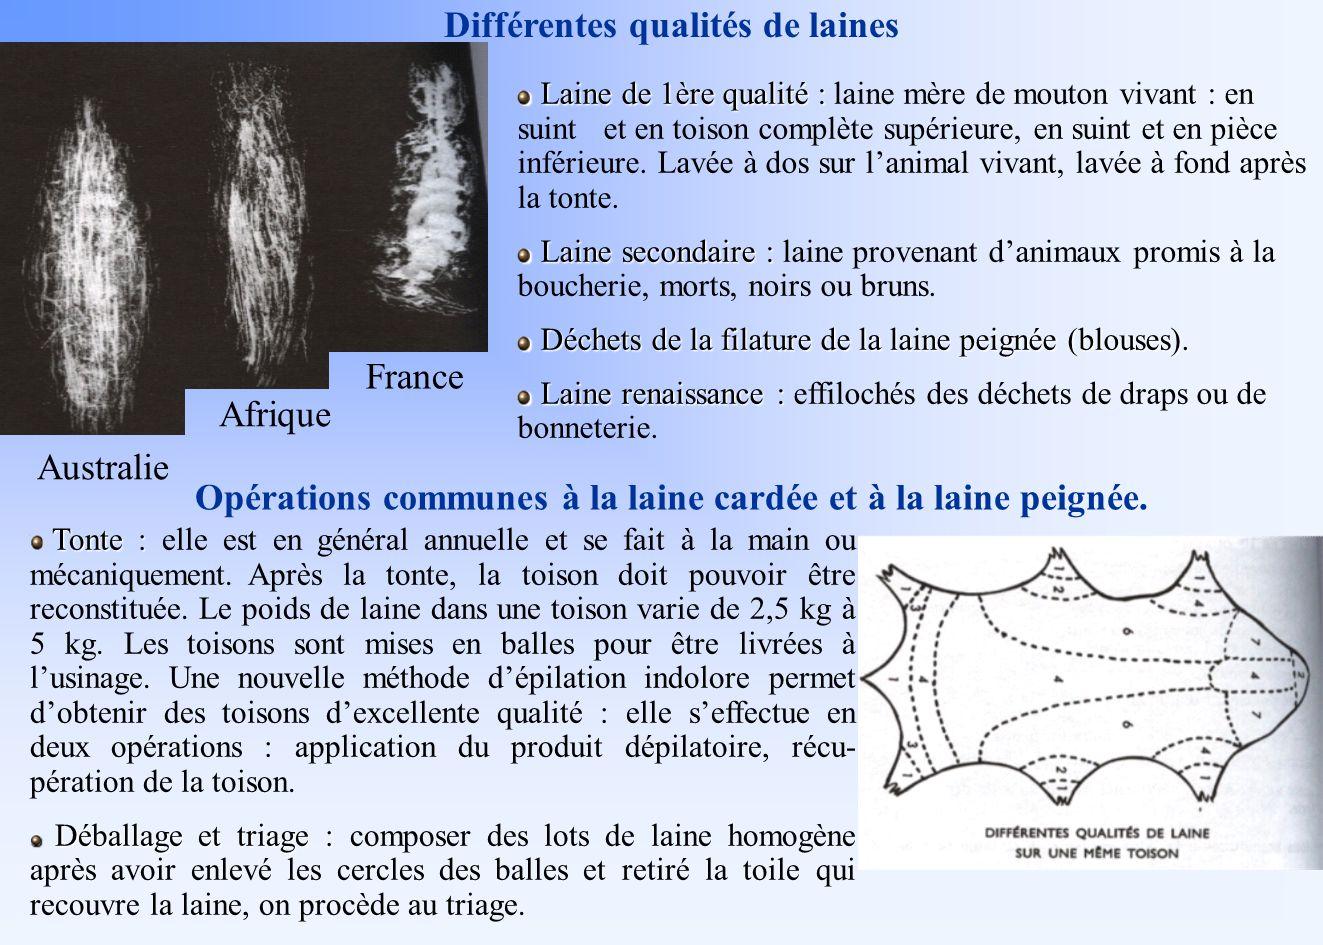 Australie Afrique France Différentes qualités de laines Laine de 1ère qualité : Laine de 1ère qualité : laine mère de mouton vivant : en suint et en t